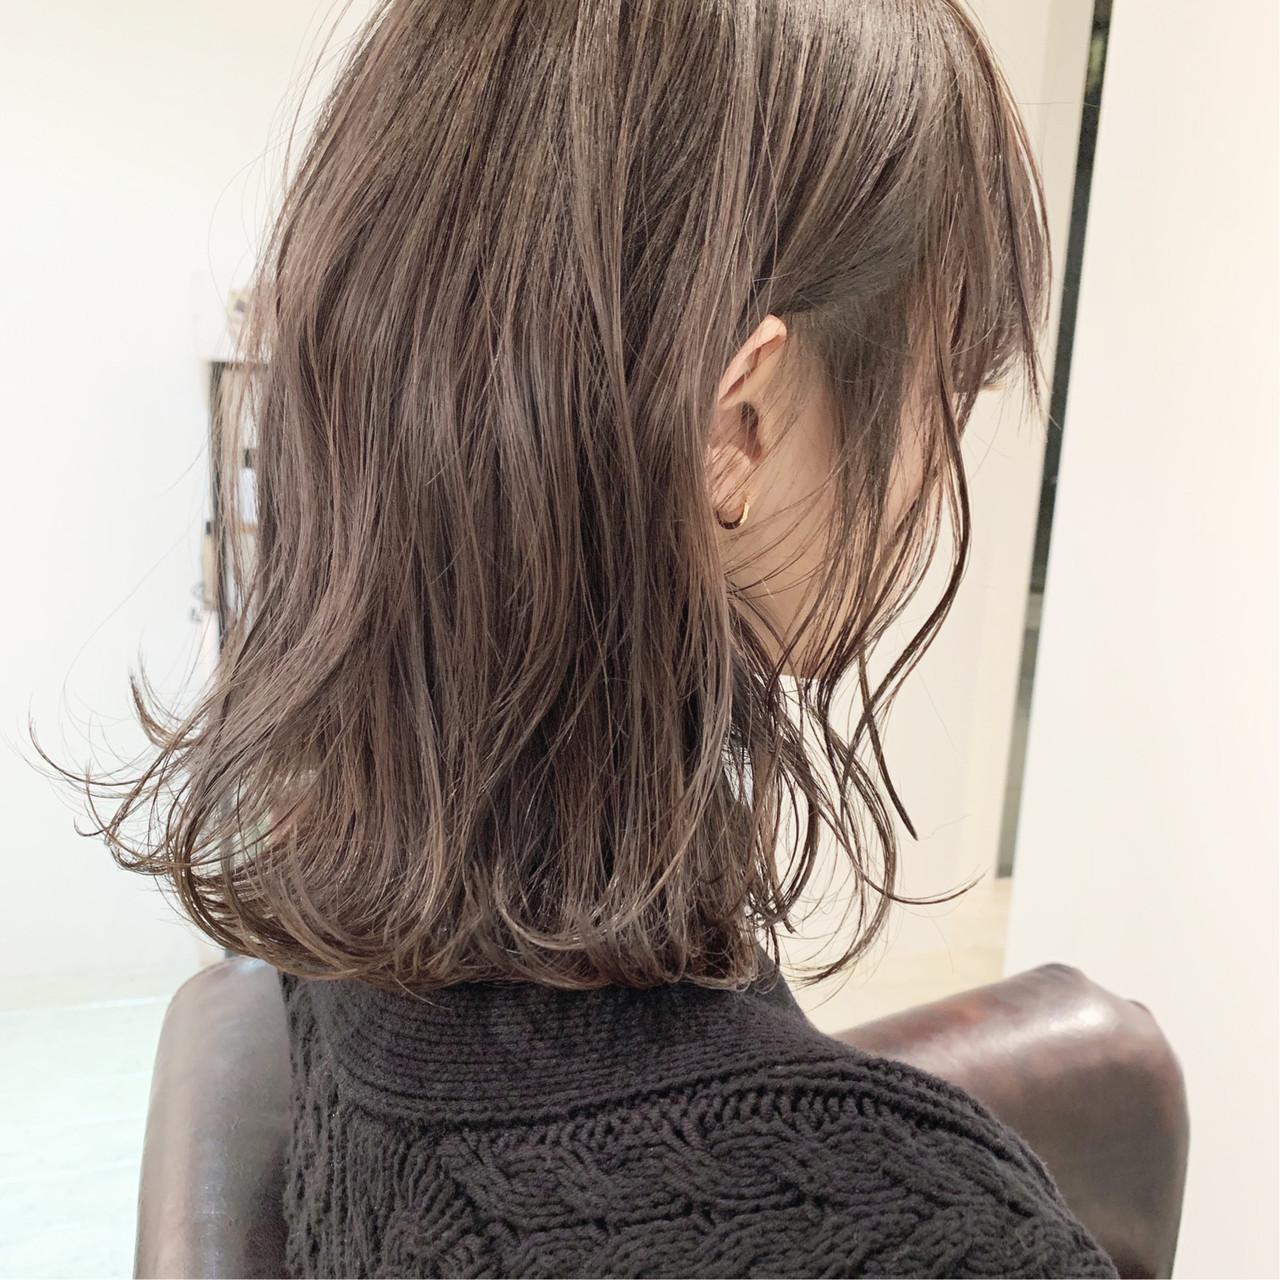 ミルクティーグレージュ ミディアム 簡単ヘアアレンジ 切りっぱなしボブ ヘアスタイルや髪型の写真・画像 | 中村明俊 / HAVANA 天神